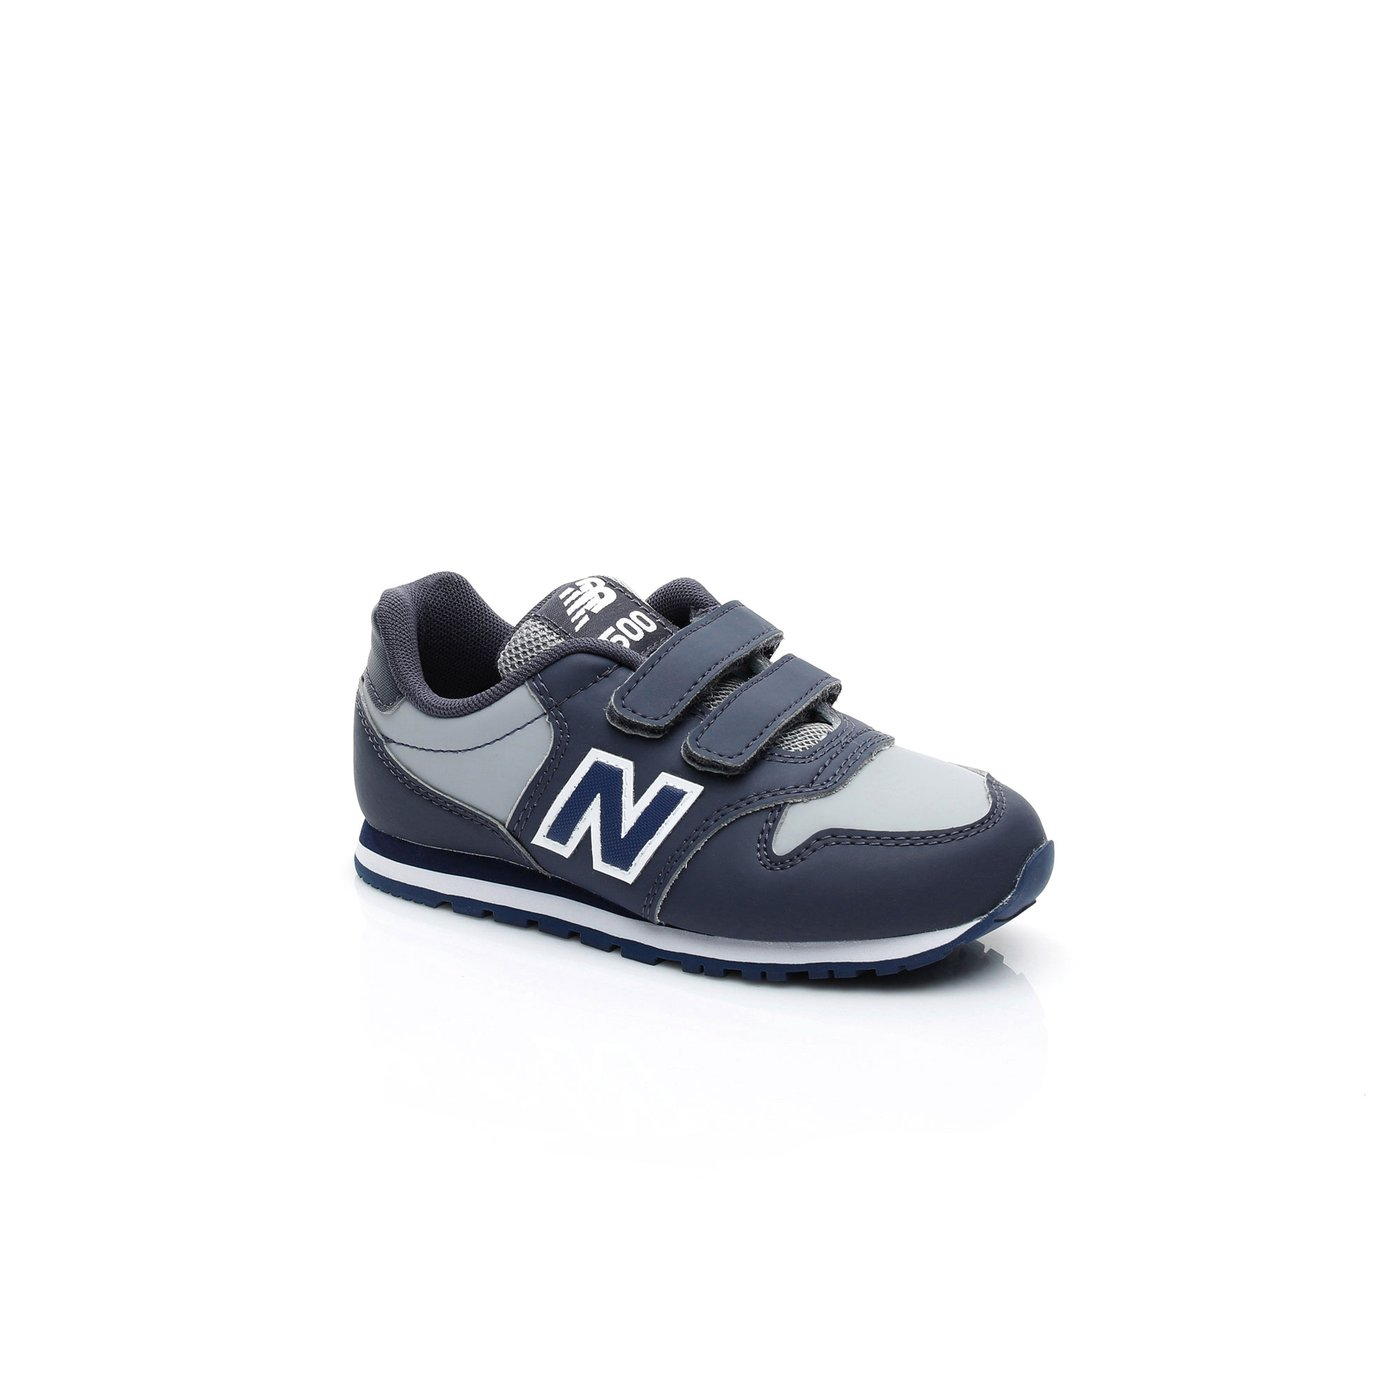 Brillante Evaluable estropeado  New Balance KV500 Unisex Çocuk Lacivert Sneaker Çocuk Spor Ayakkabı &  Sneaker 3221878   SuperStep